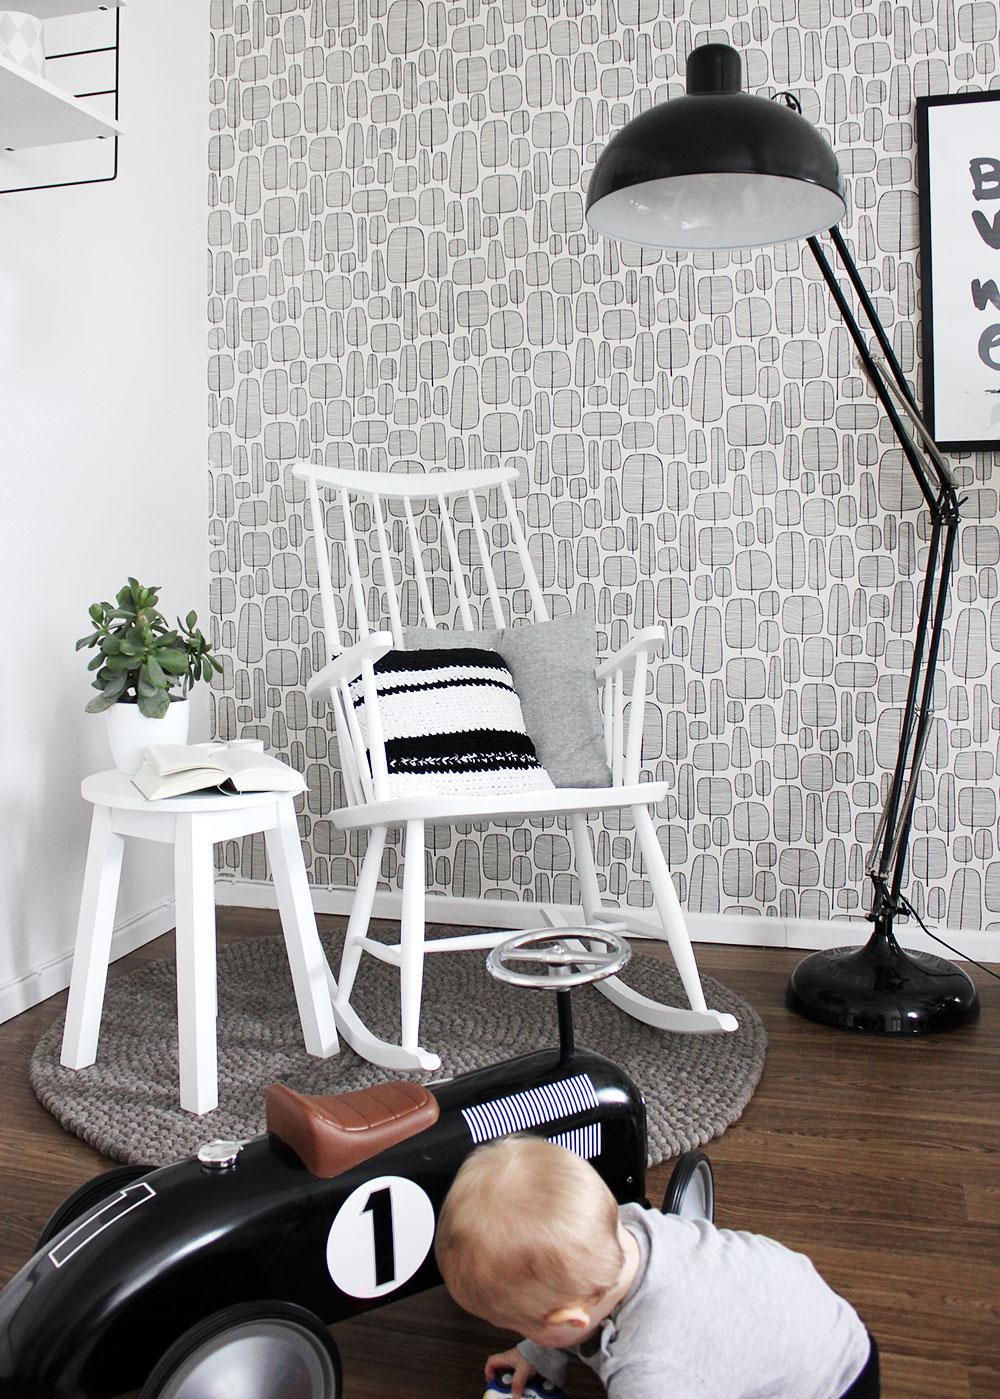 Mein Schaukelstuhl in frischem weiß nach dem Aufmöbel-Workshop bei der Wohnwerkstatt Stukenbrock